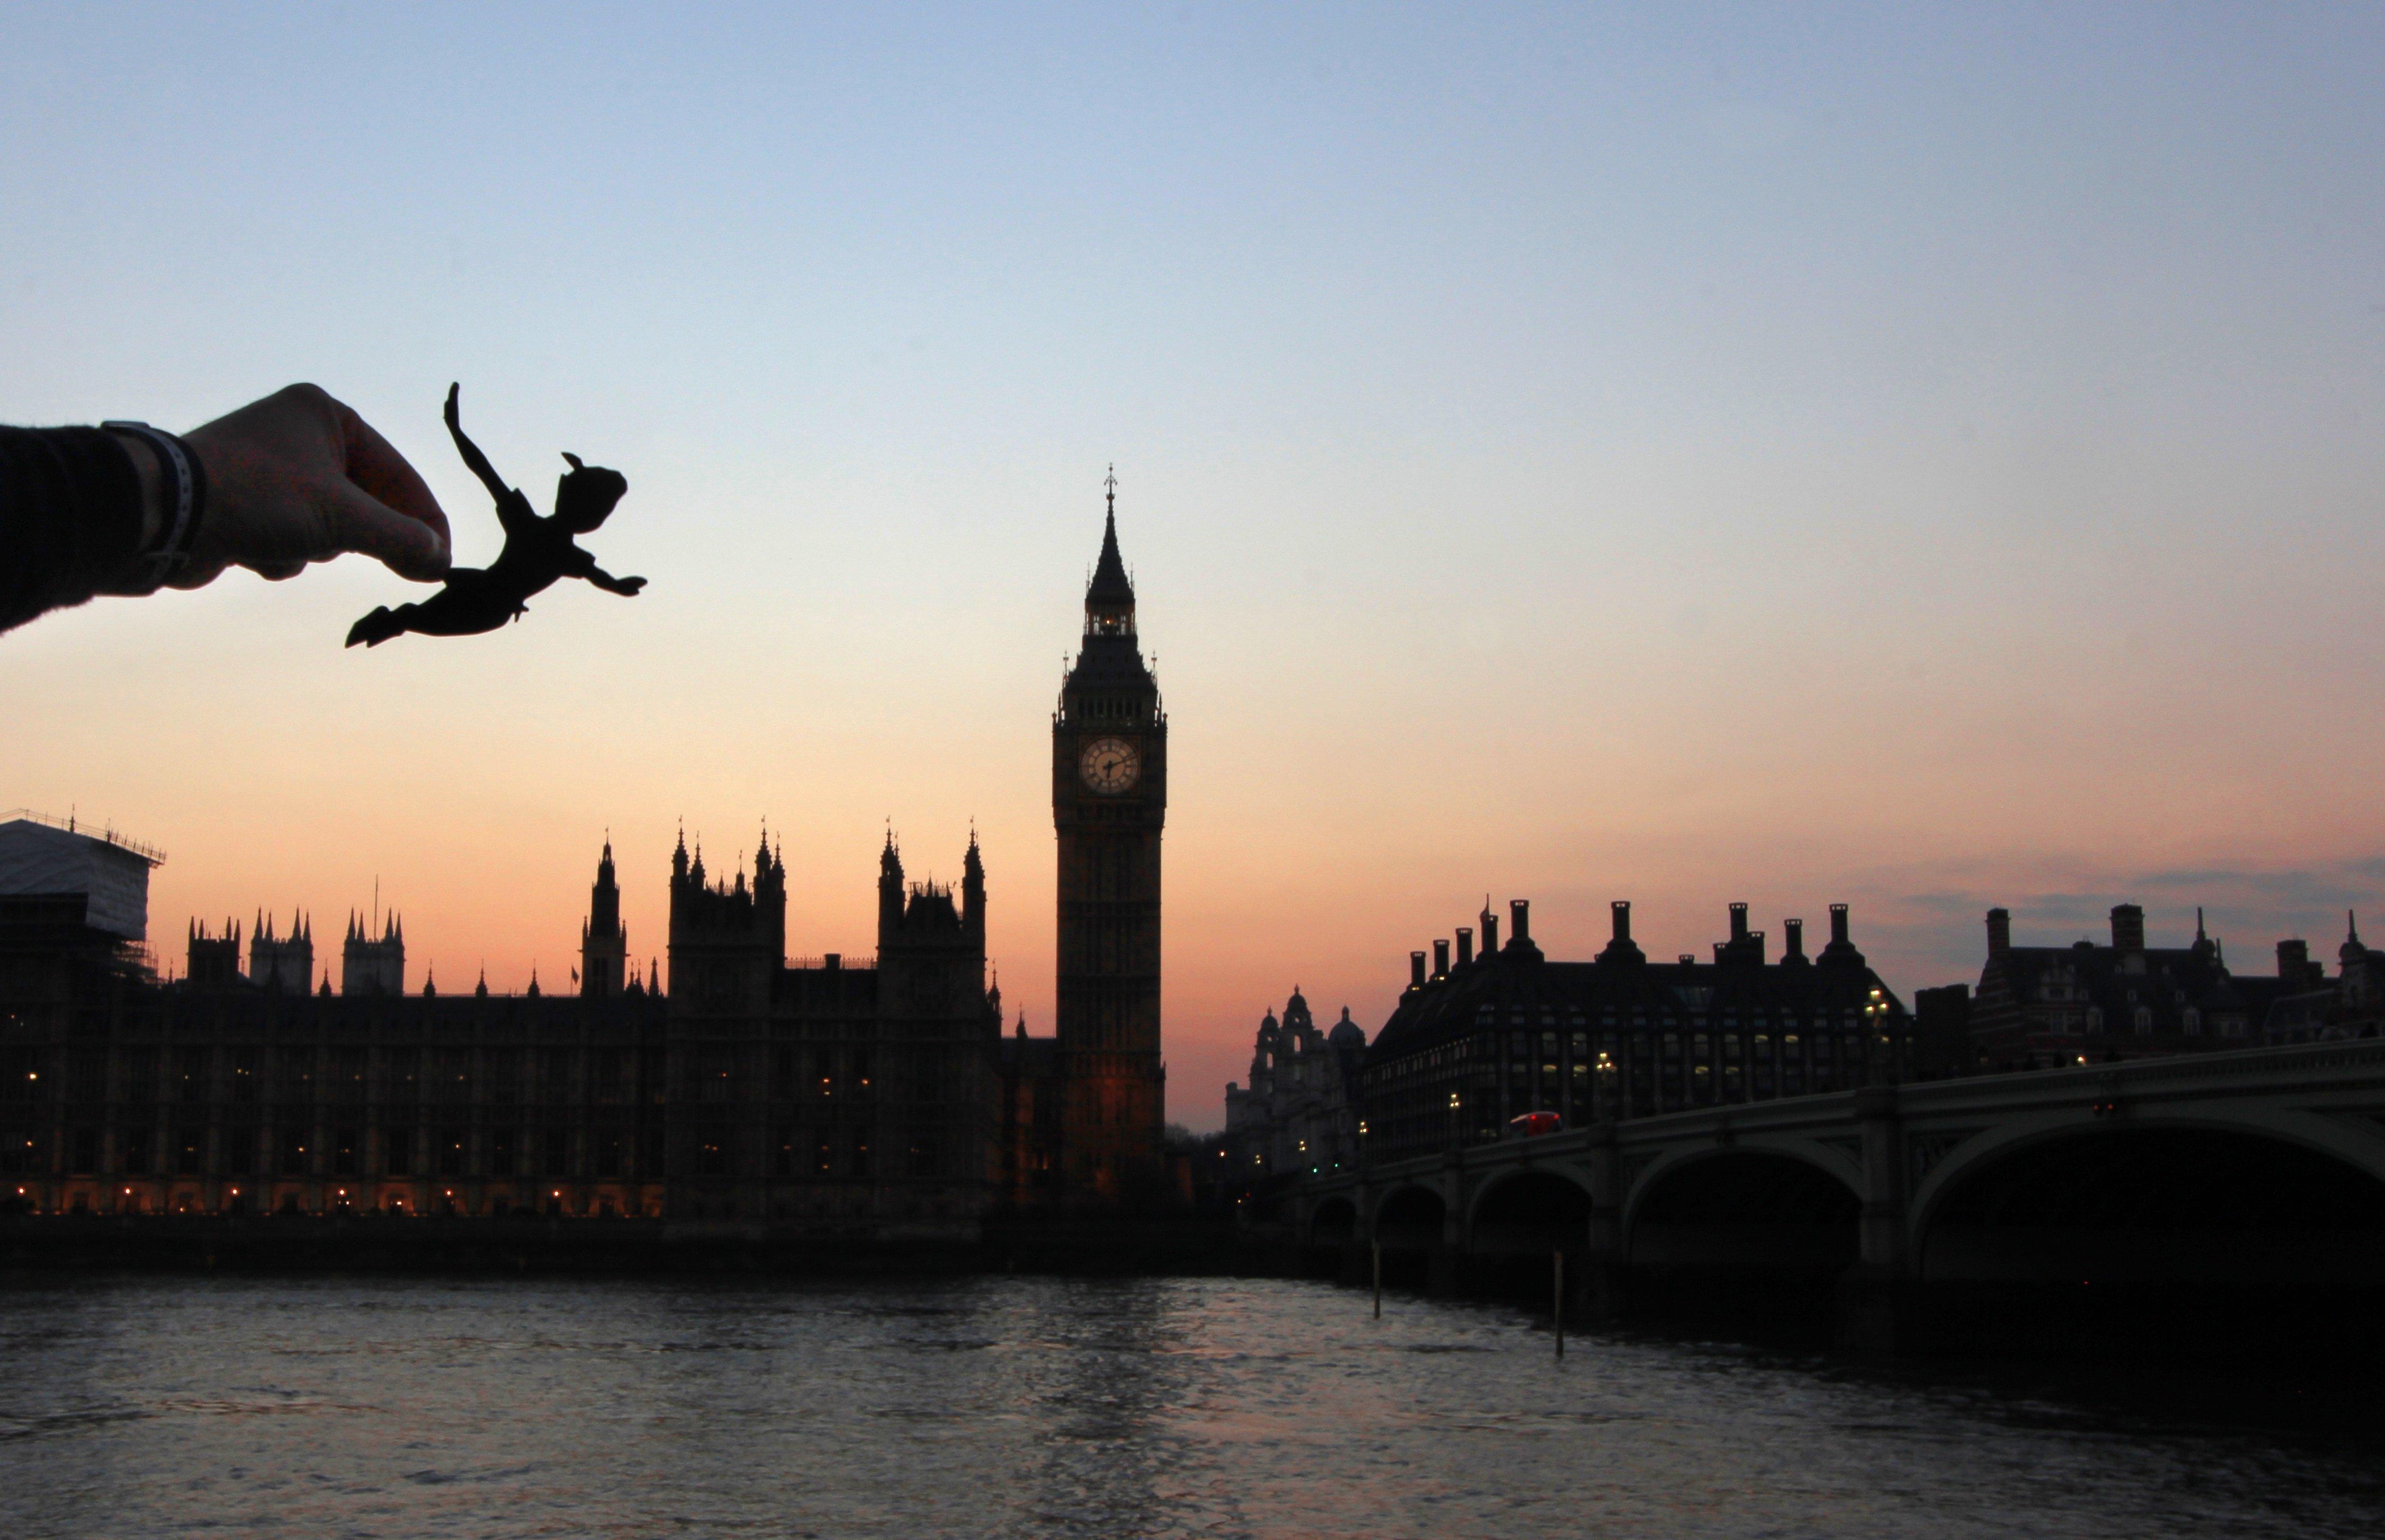 Peter Pan flies over Big Ben in London.